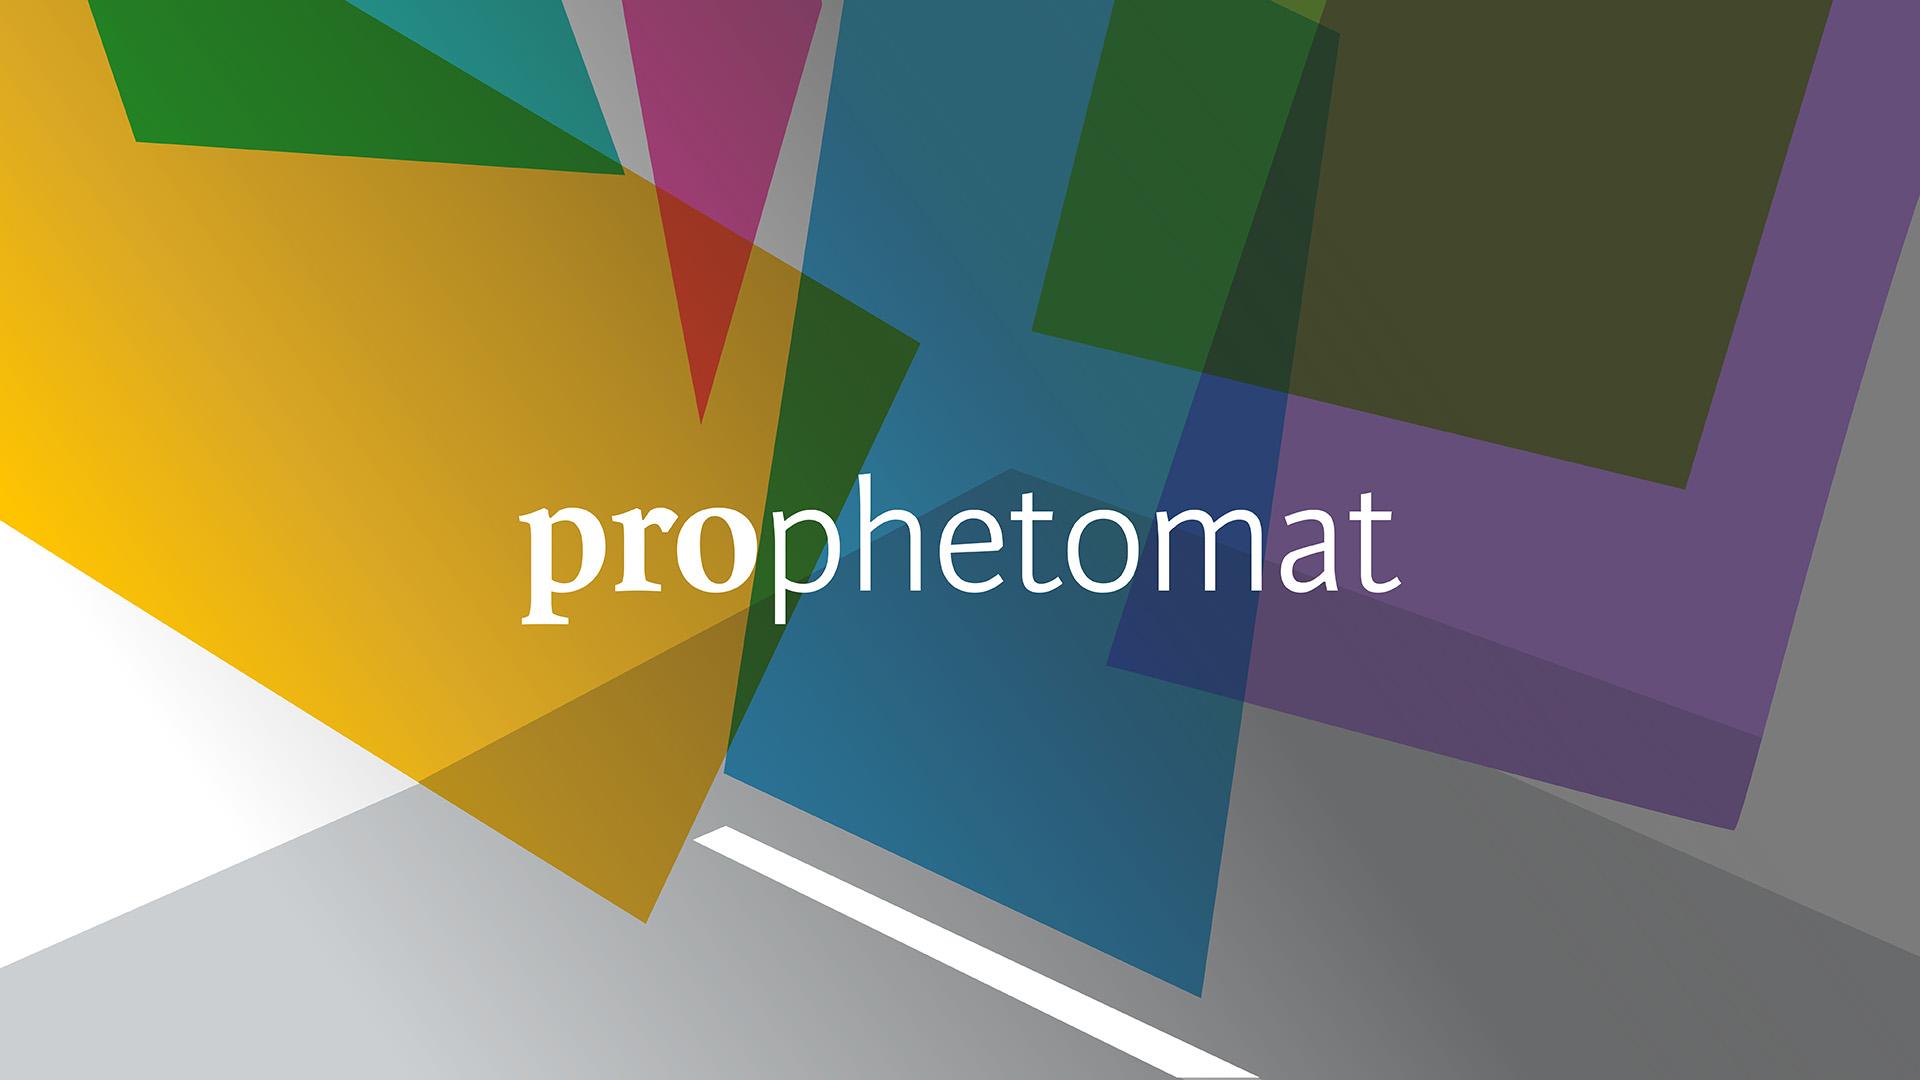 Was haben die Parteien zu Themen zu sagen, die Christen besonders interessieren? Das weiß der prophetomat. Hier geht es zum Test!